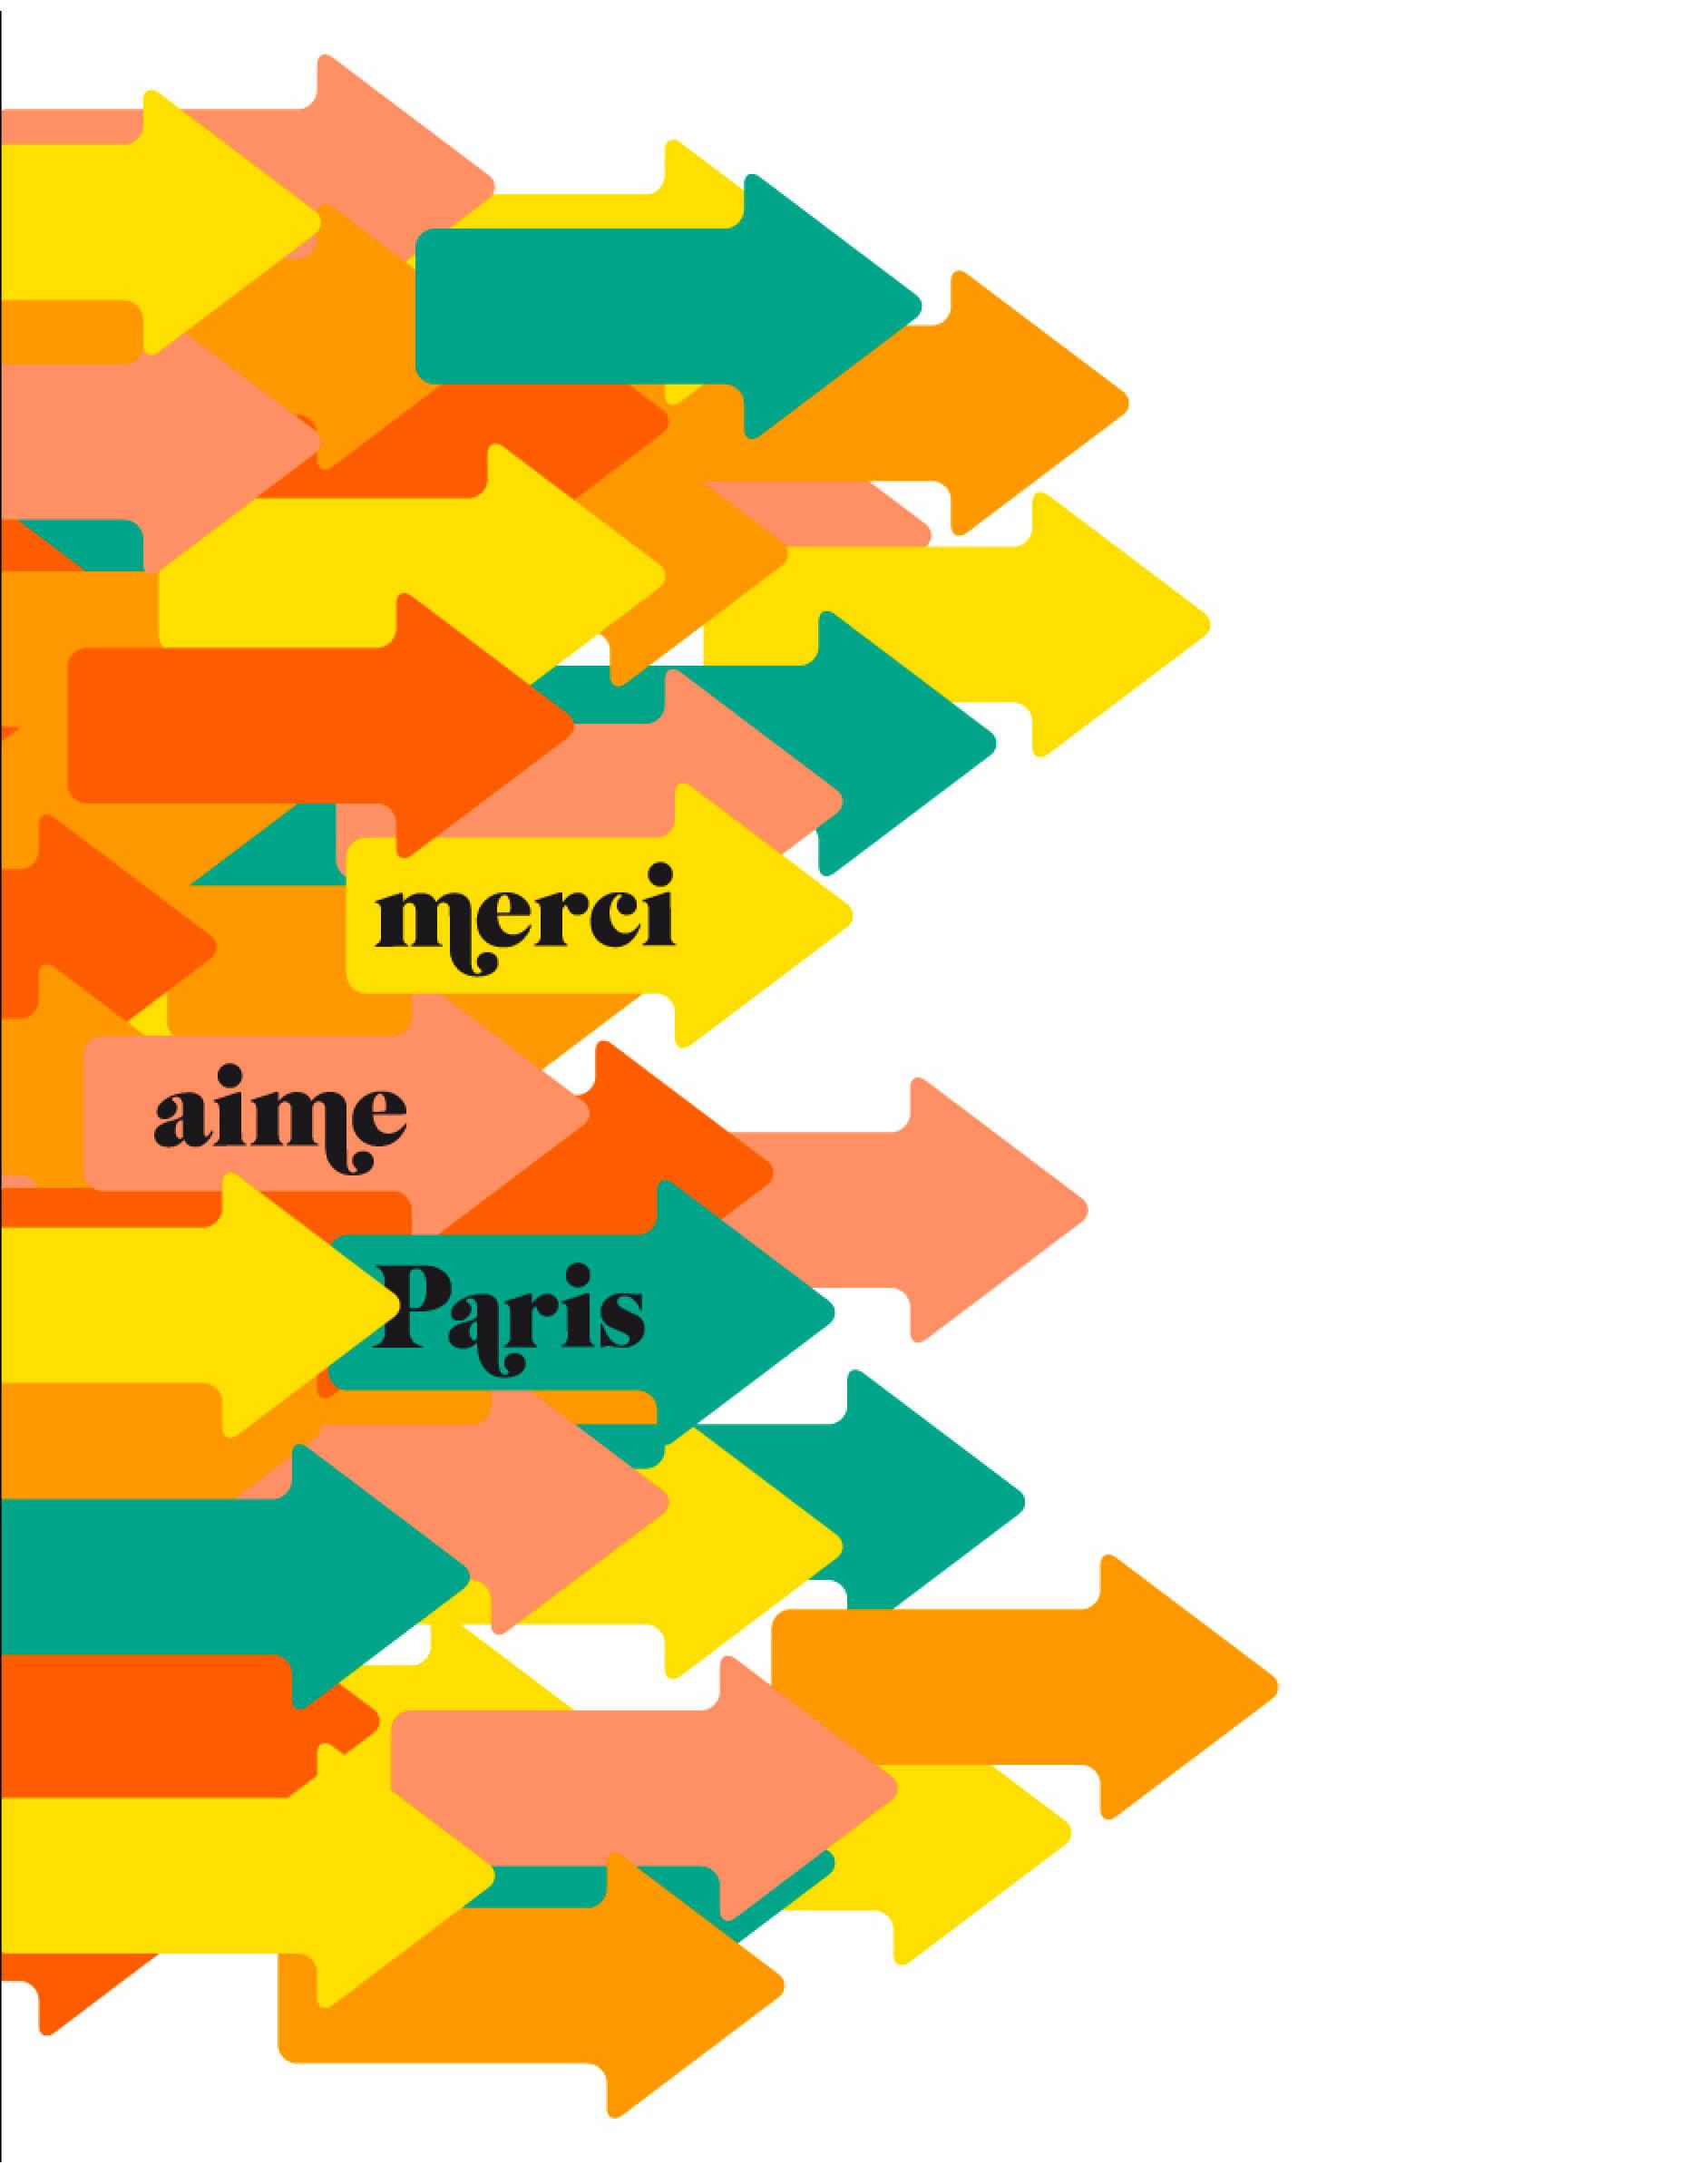 merci aime Paris - Installation artistiquemerci aime Parischez merci.Été 2013Art installationmerci aime Paris at merci, in Paris.Summer 2013